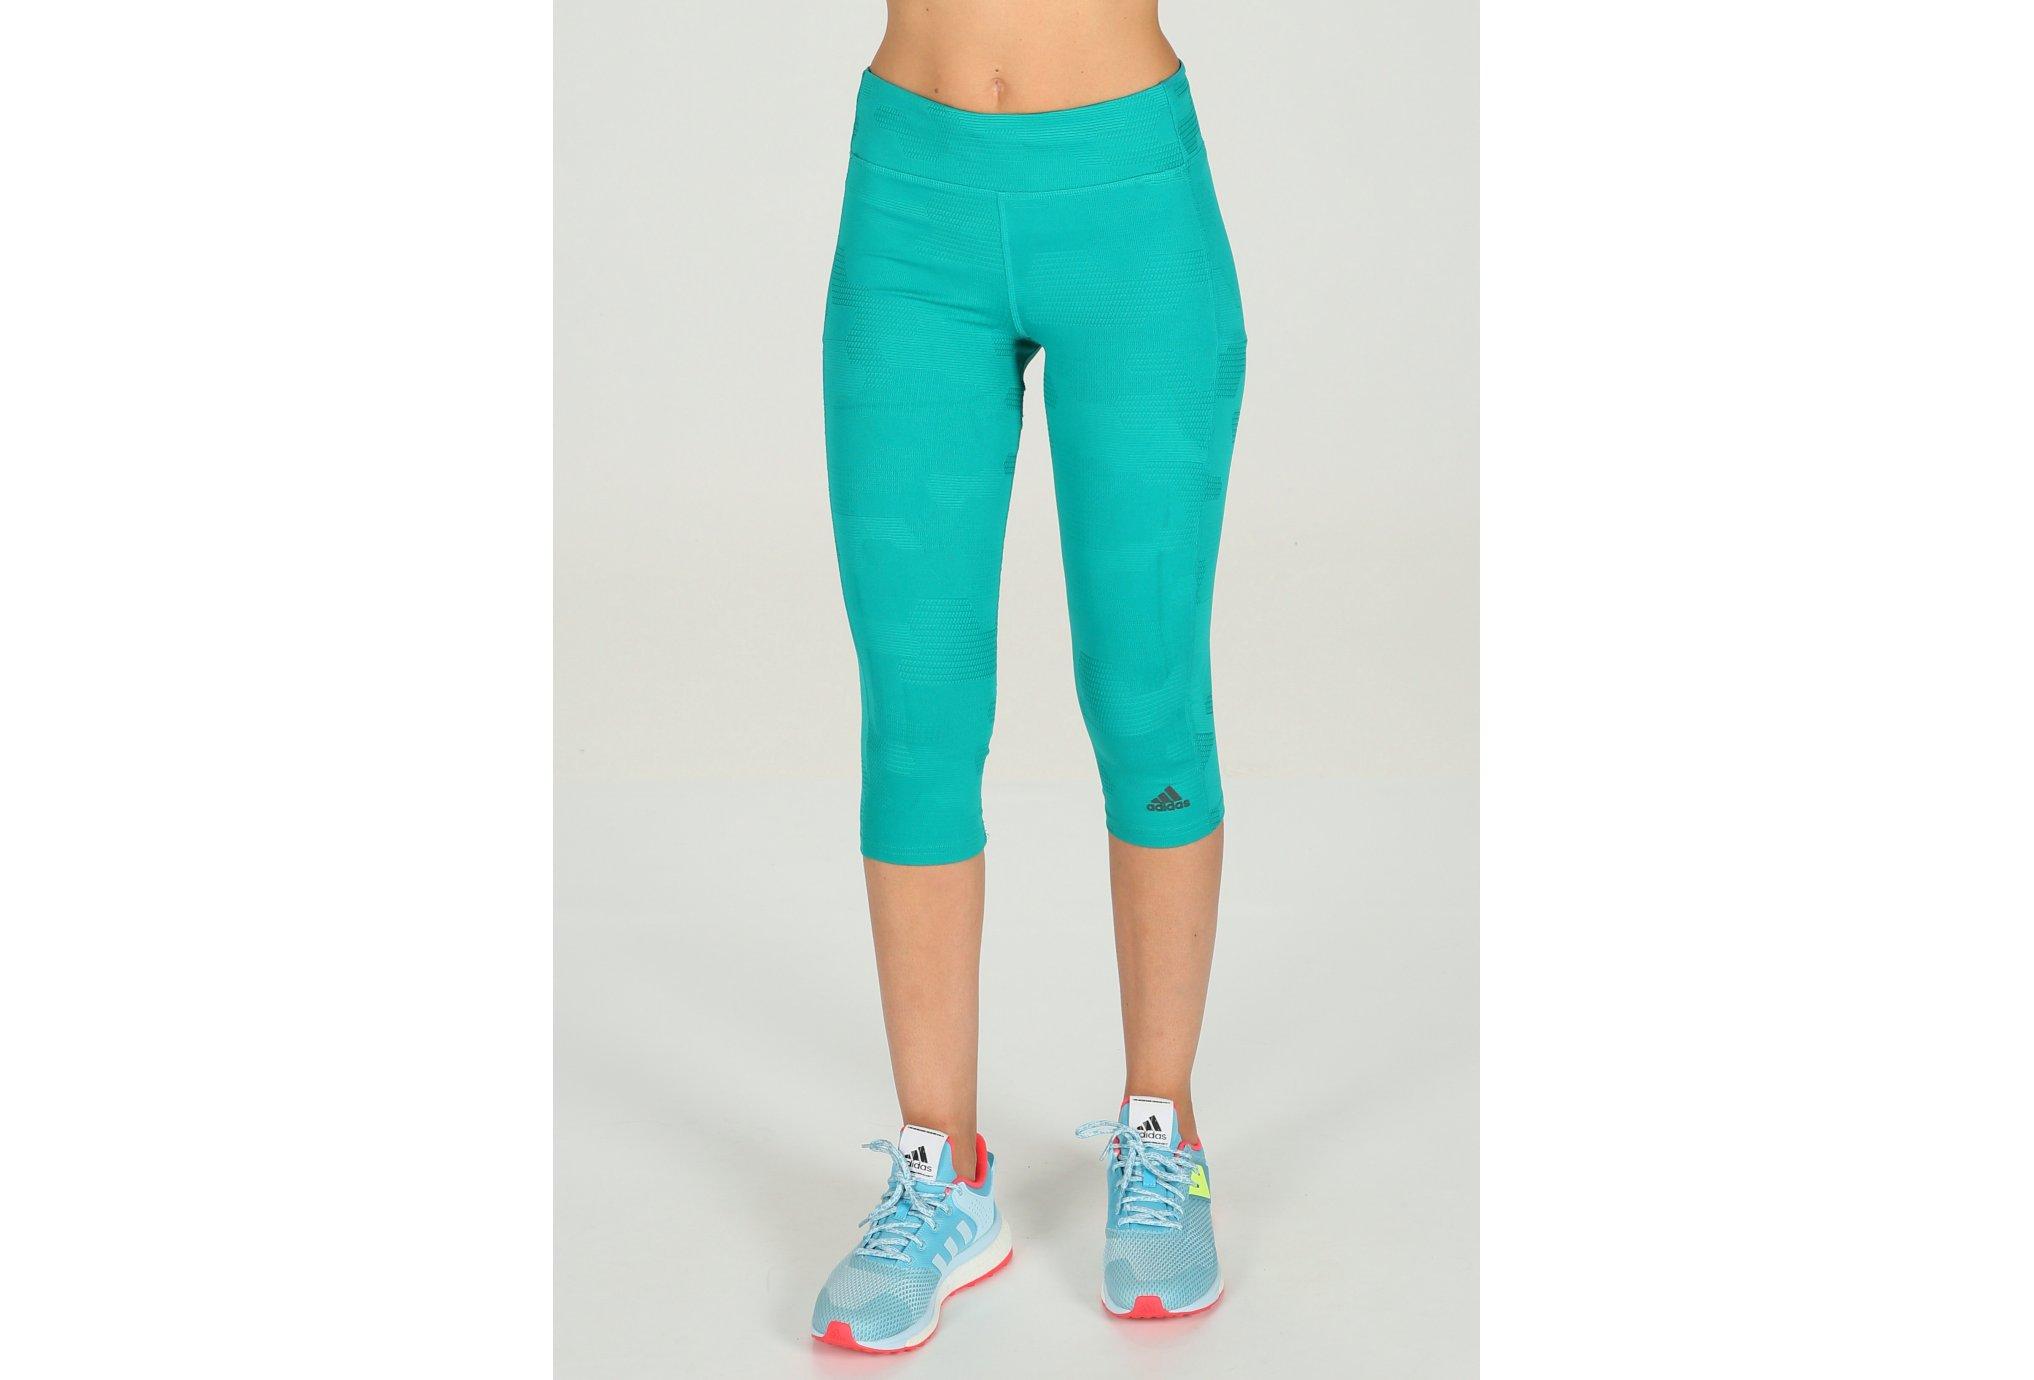 Adidas Corsaire adistar w vêtement running femme